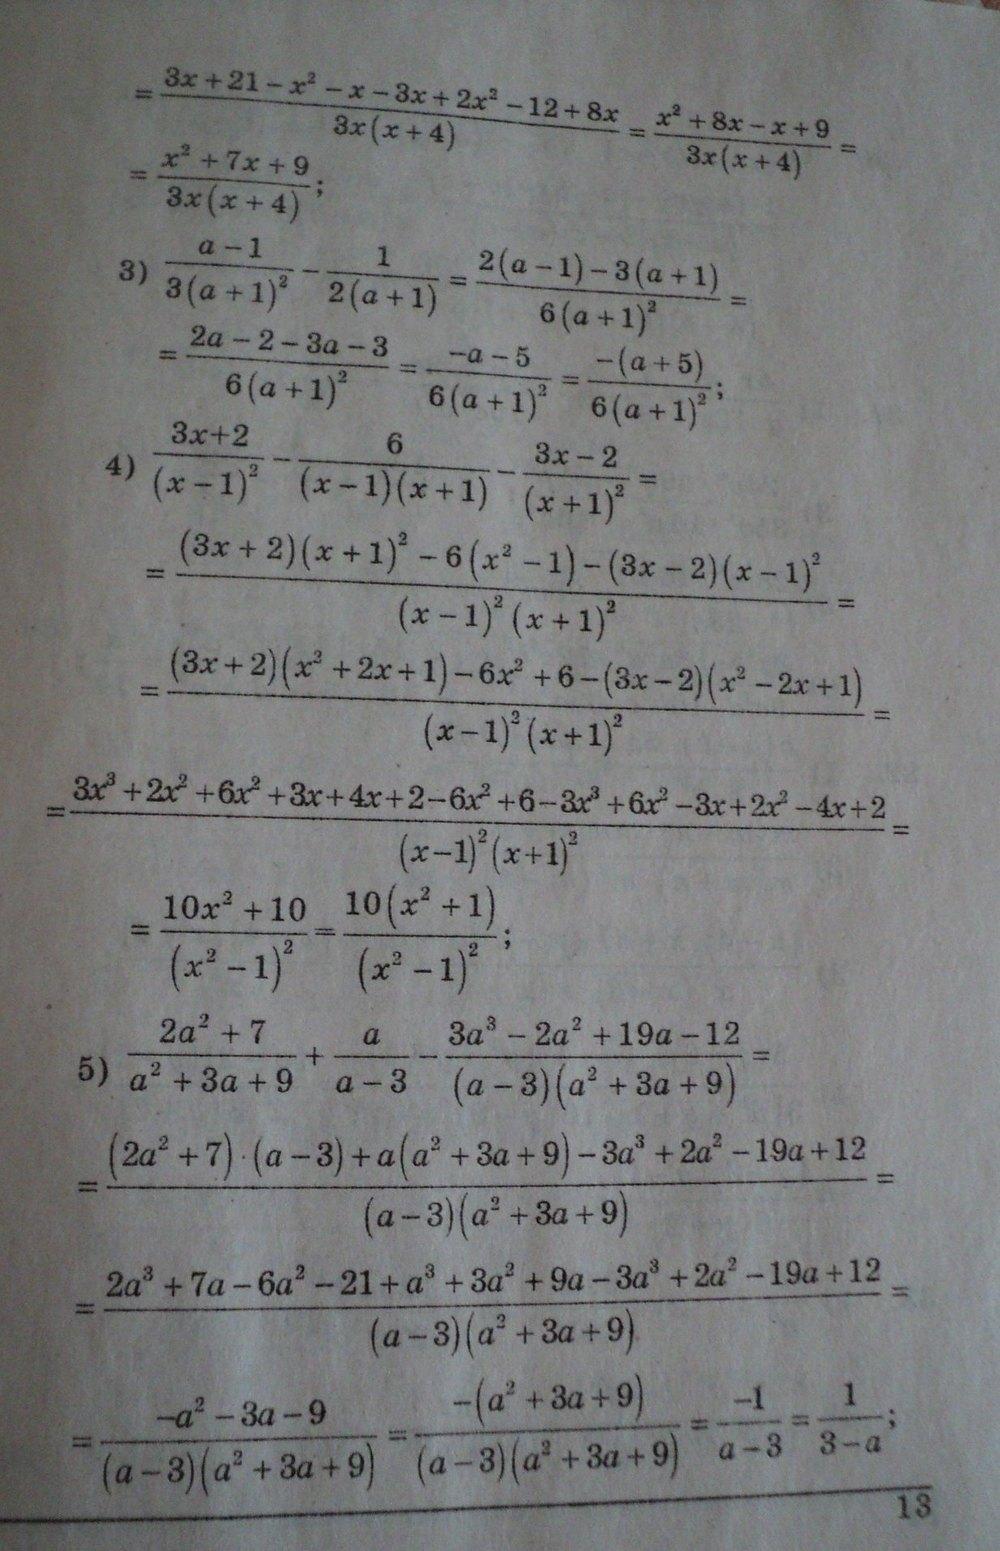 ГДЗ по алгебре 8 класс Щербань П.. Задание: стр. 13